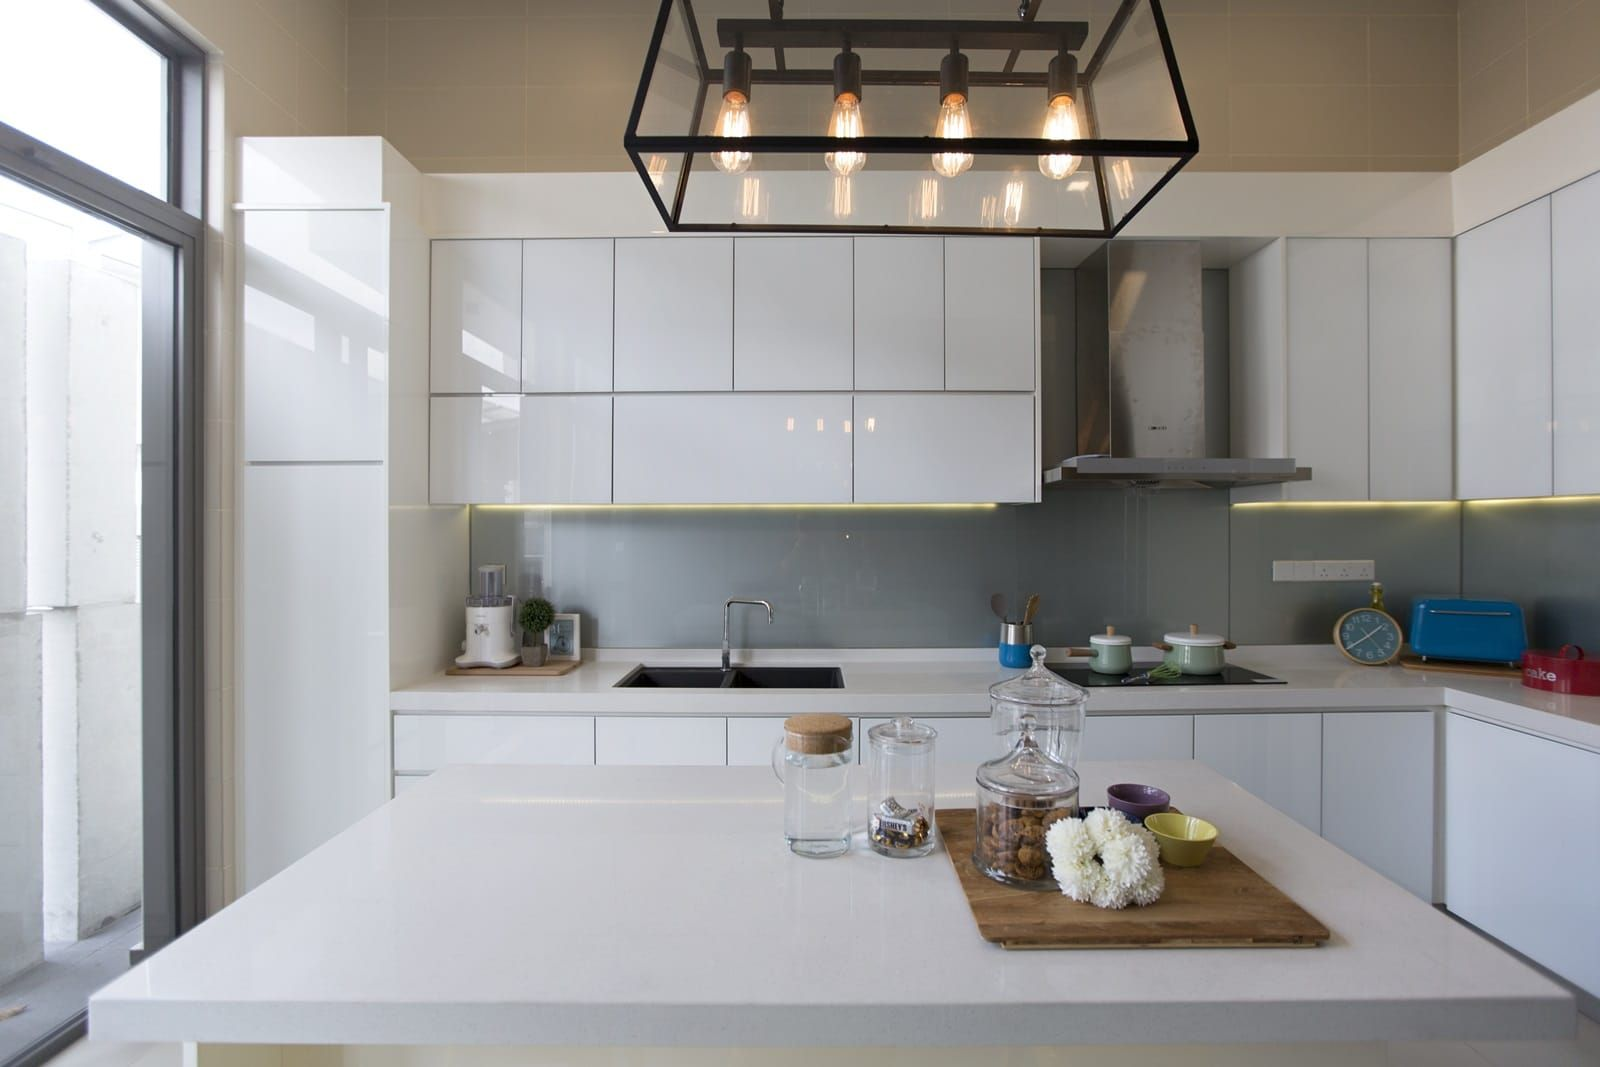 modern terrace house wet kitchen design by turn design interior (tdi